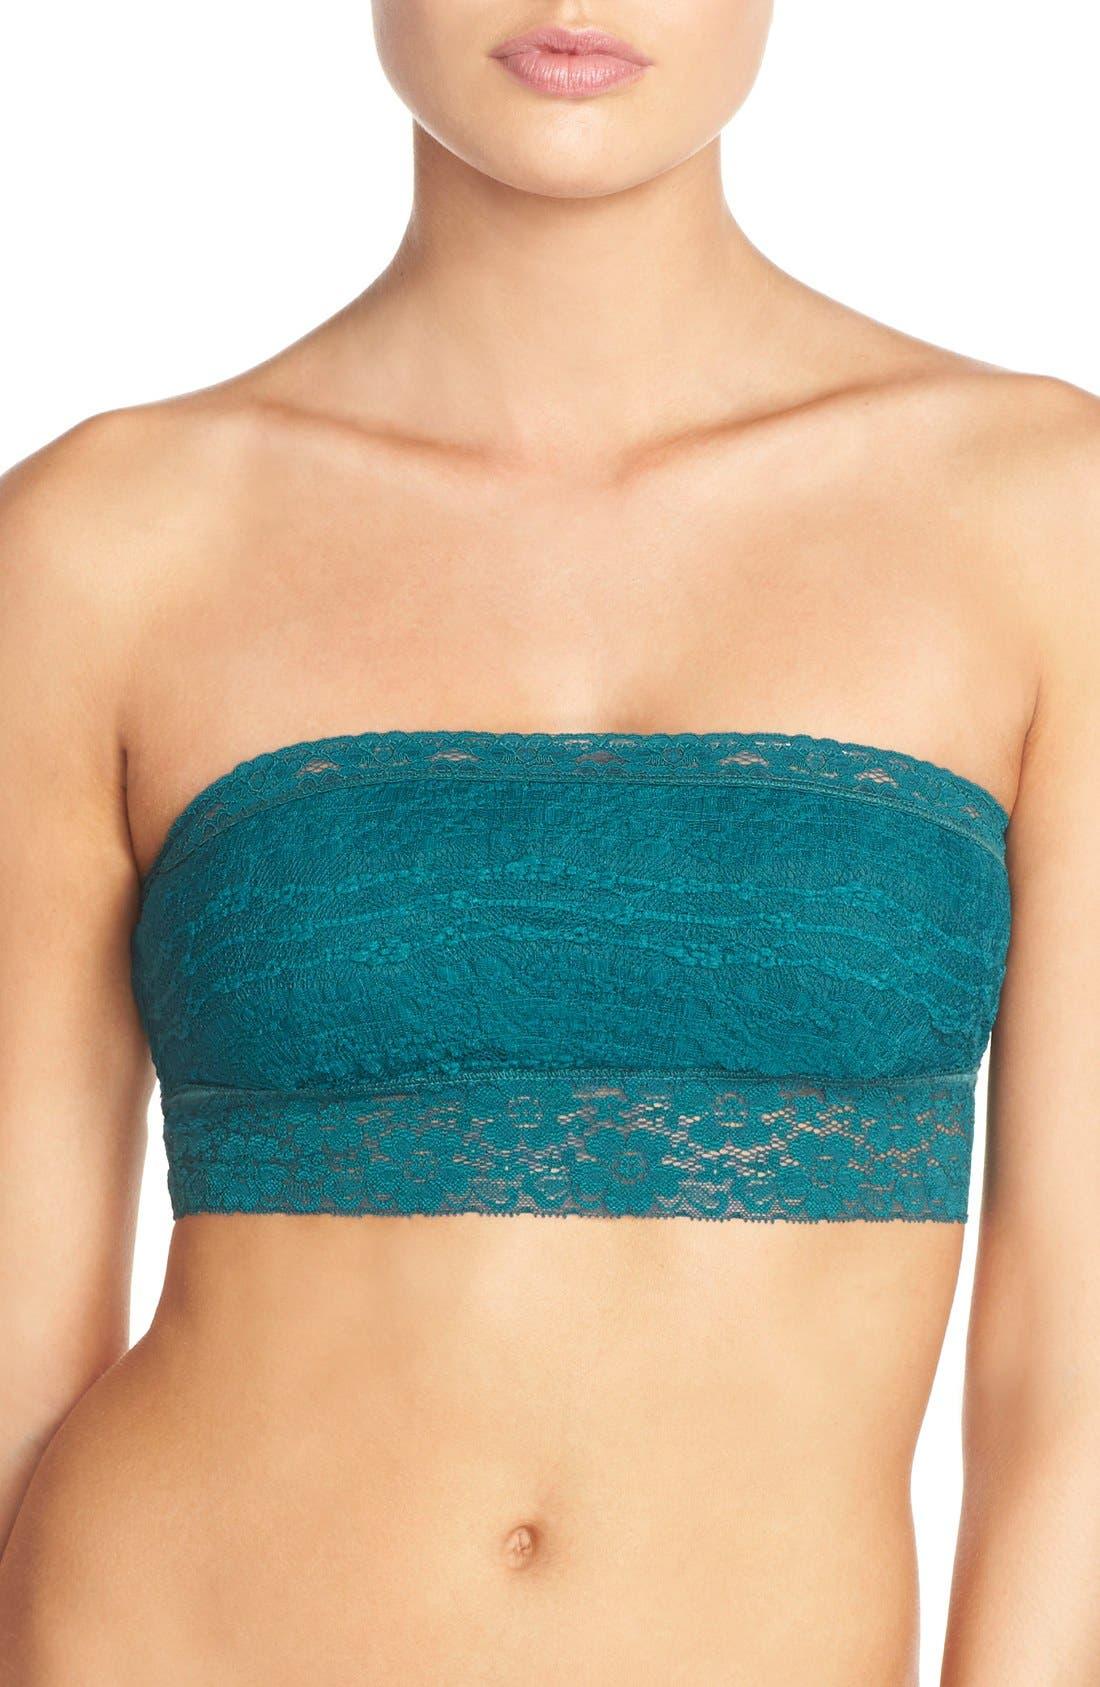 Intimately FP Lace Bandeau Bralette,                             Main thumbnail 1, color,                             OCEAN